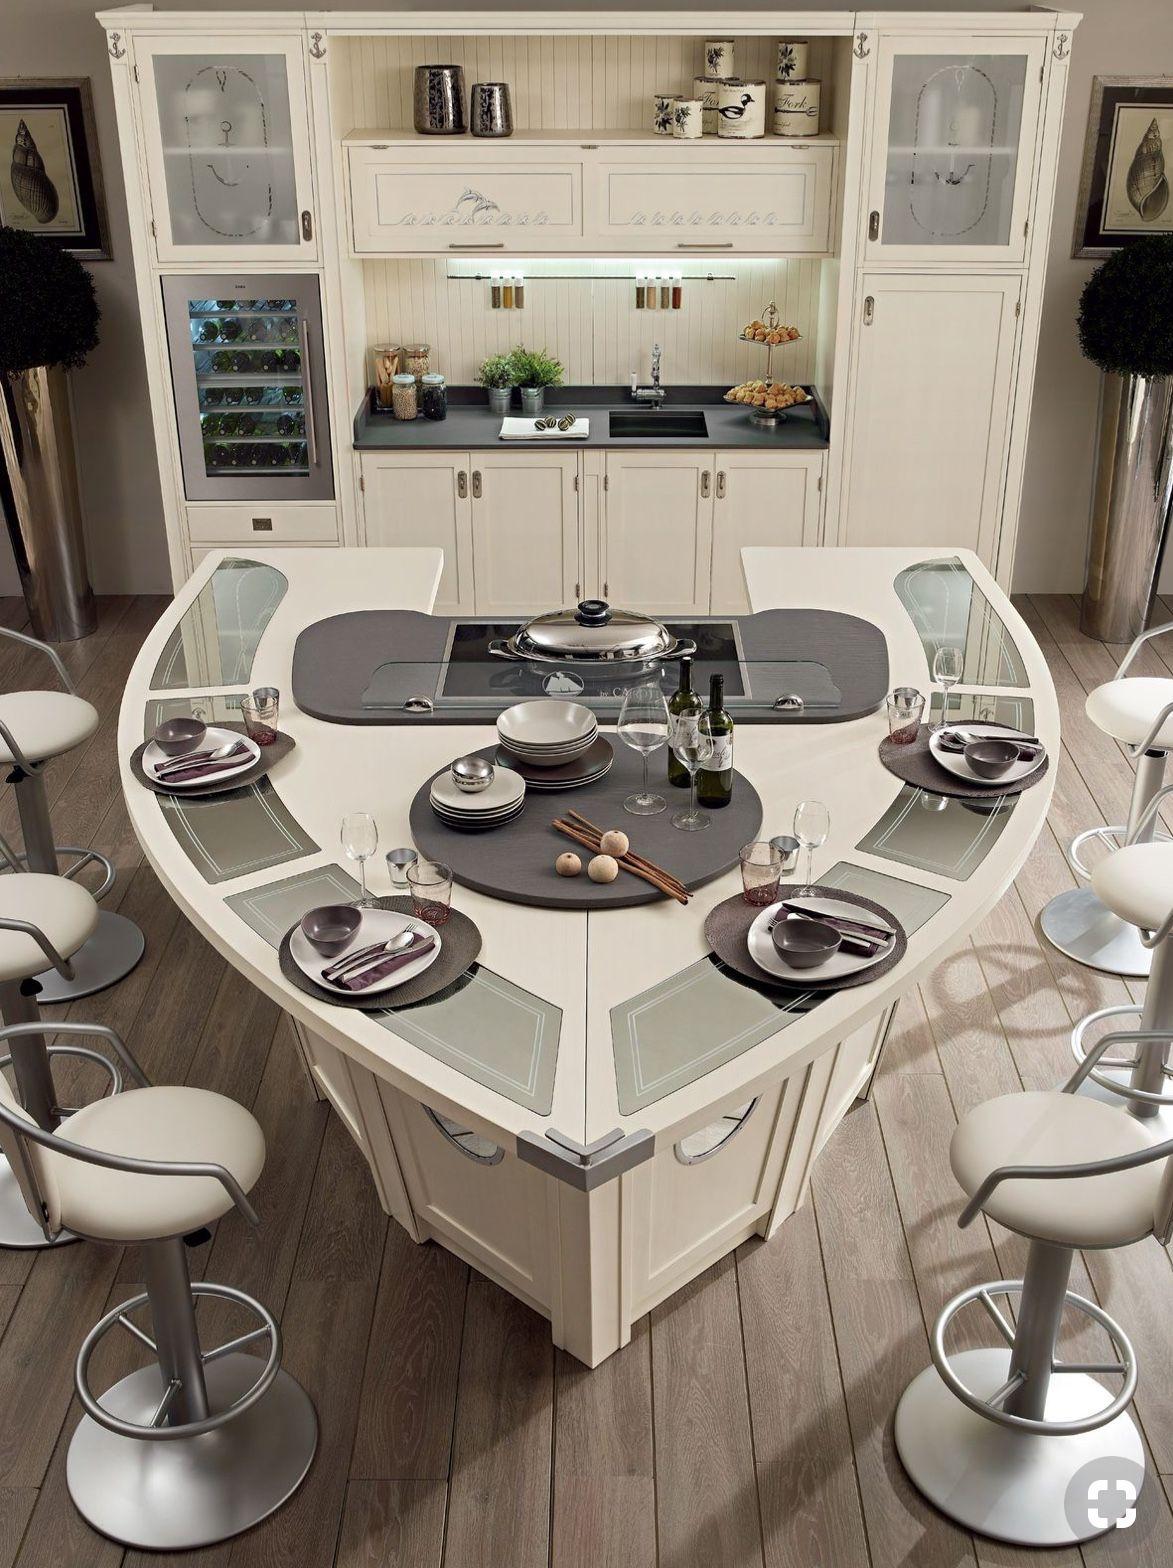 Pin von Gaer Ferrinson auf Around the House: Kitchens | Pinterest ...